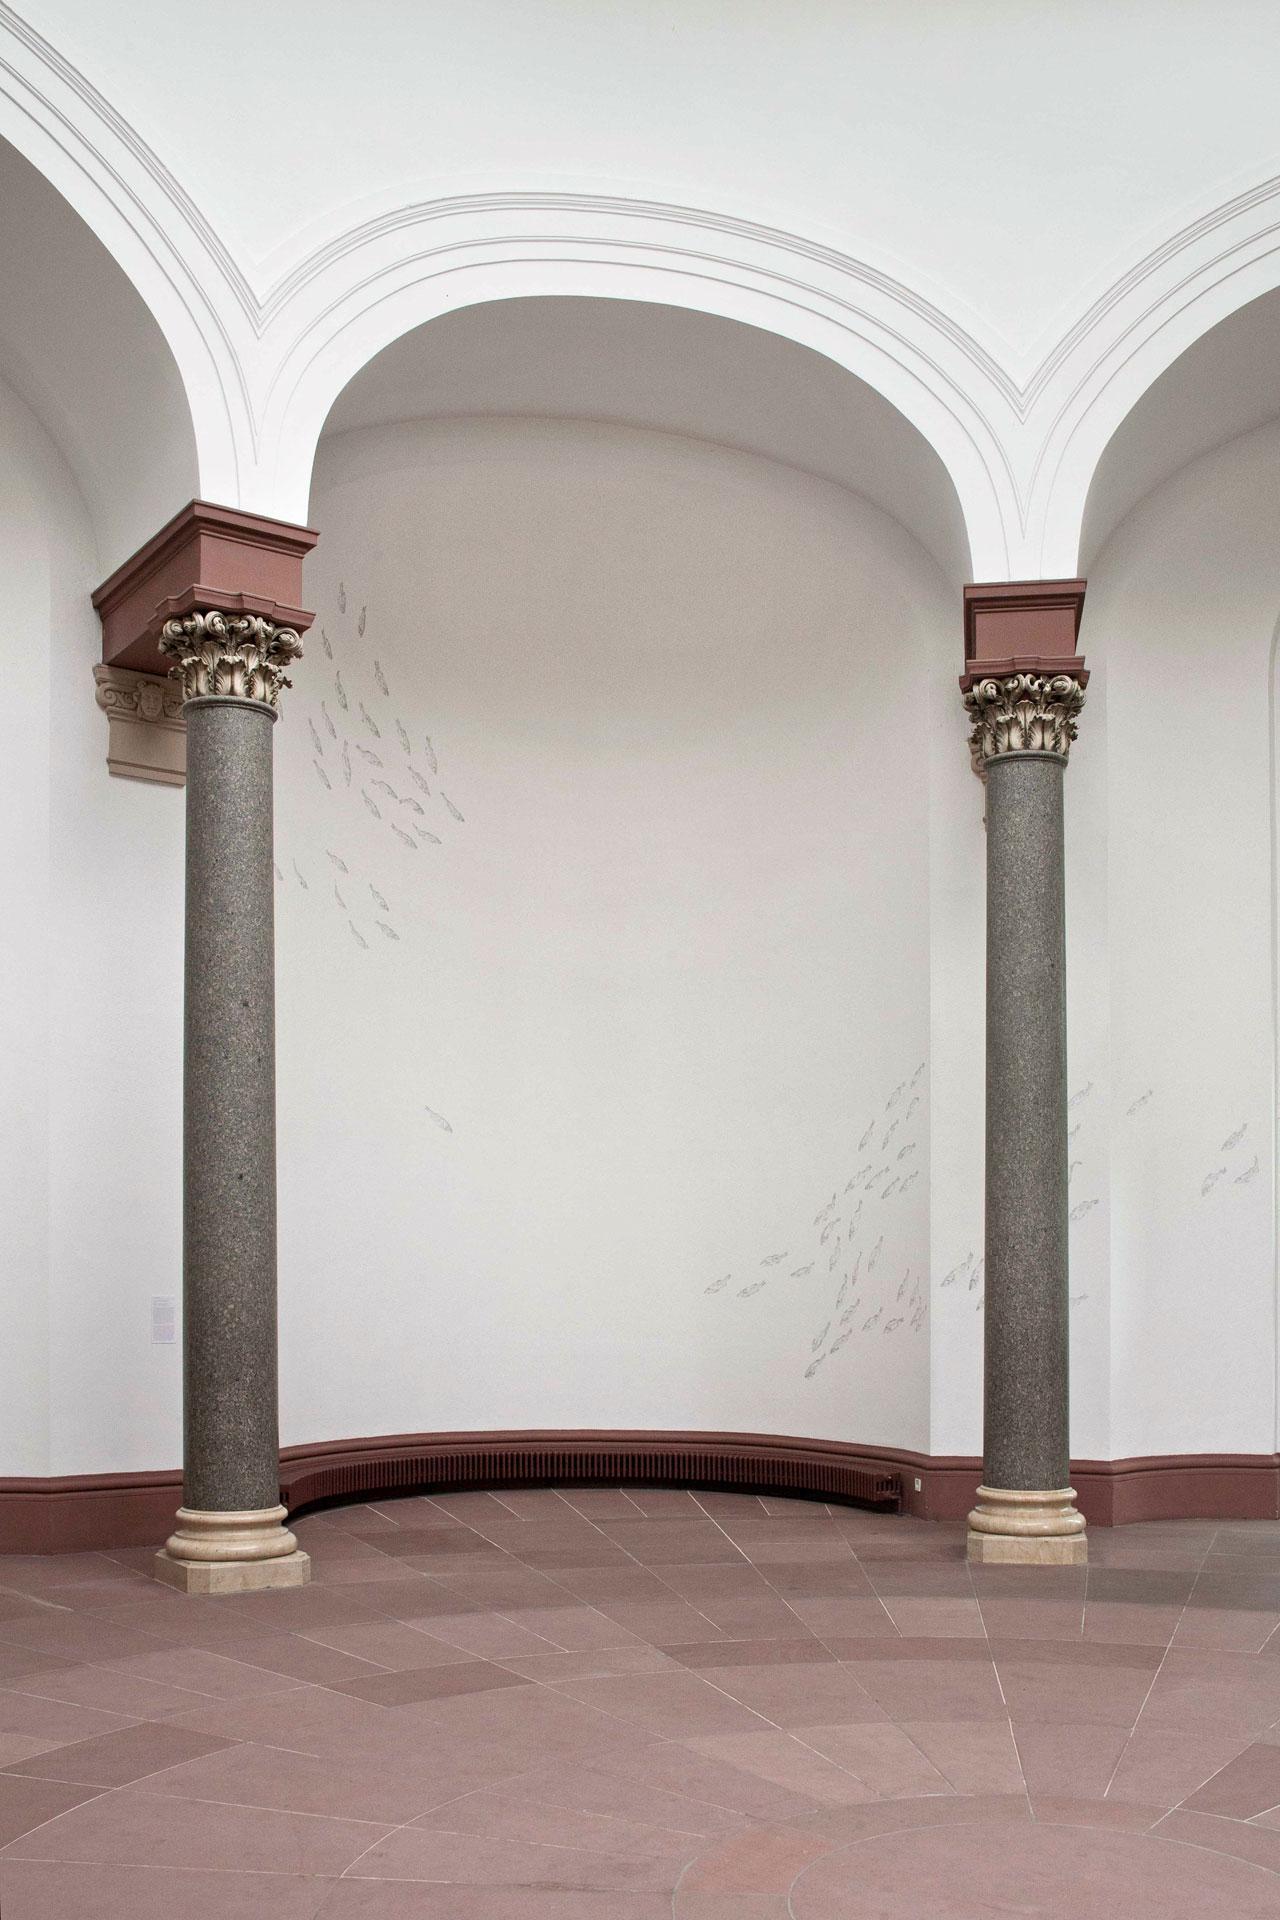 Wandzeichnung, 2013, Rotunde Staatliche Kunsthalle Karlsruhe